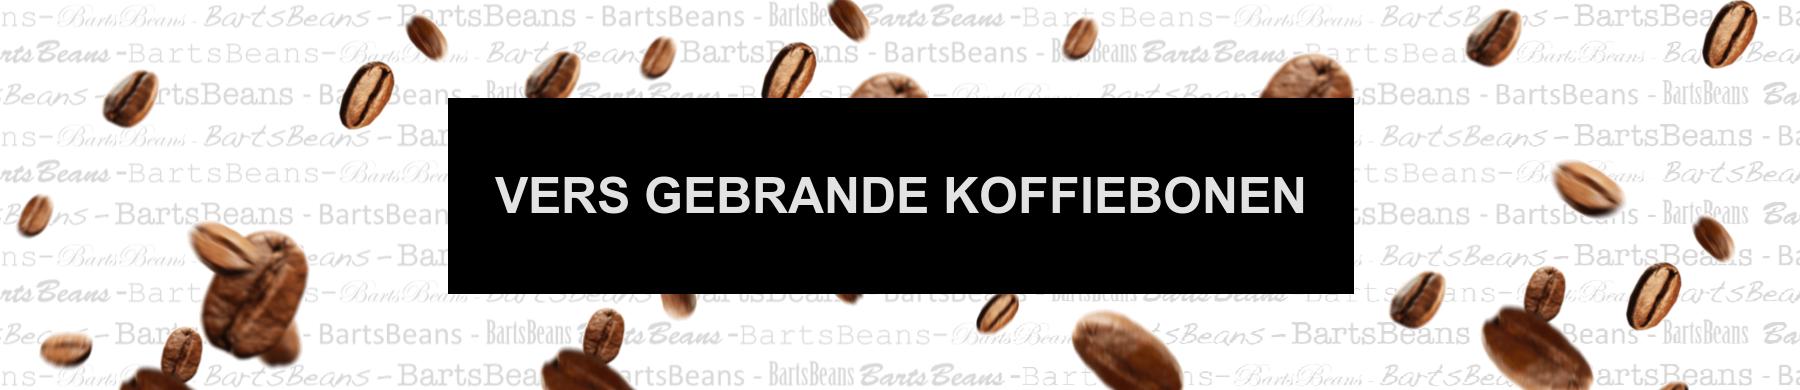 Vers gebrande koffiebonen banner